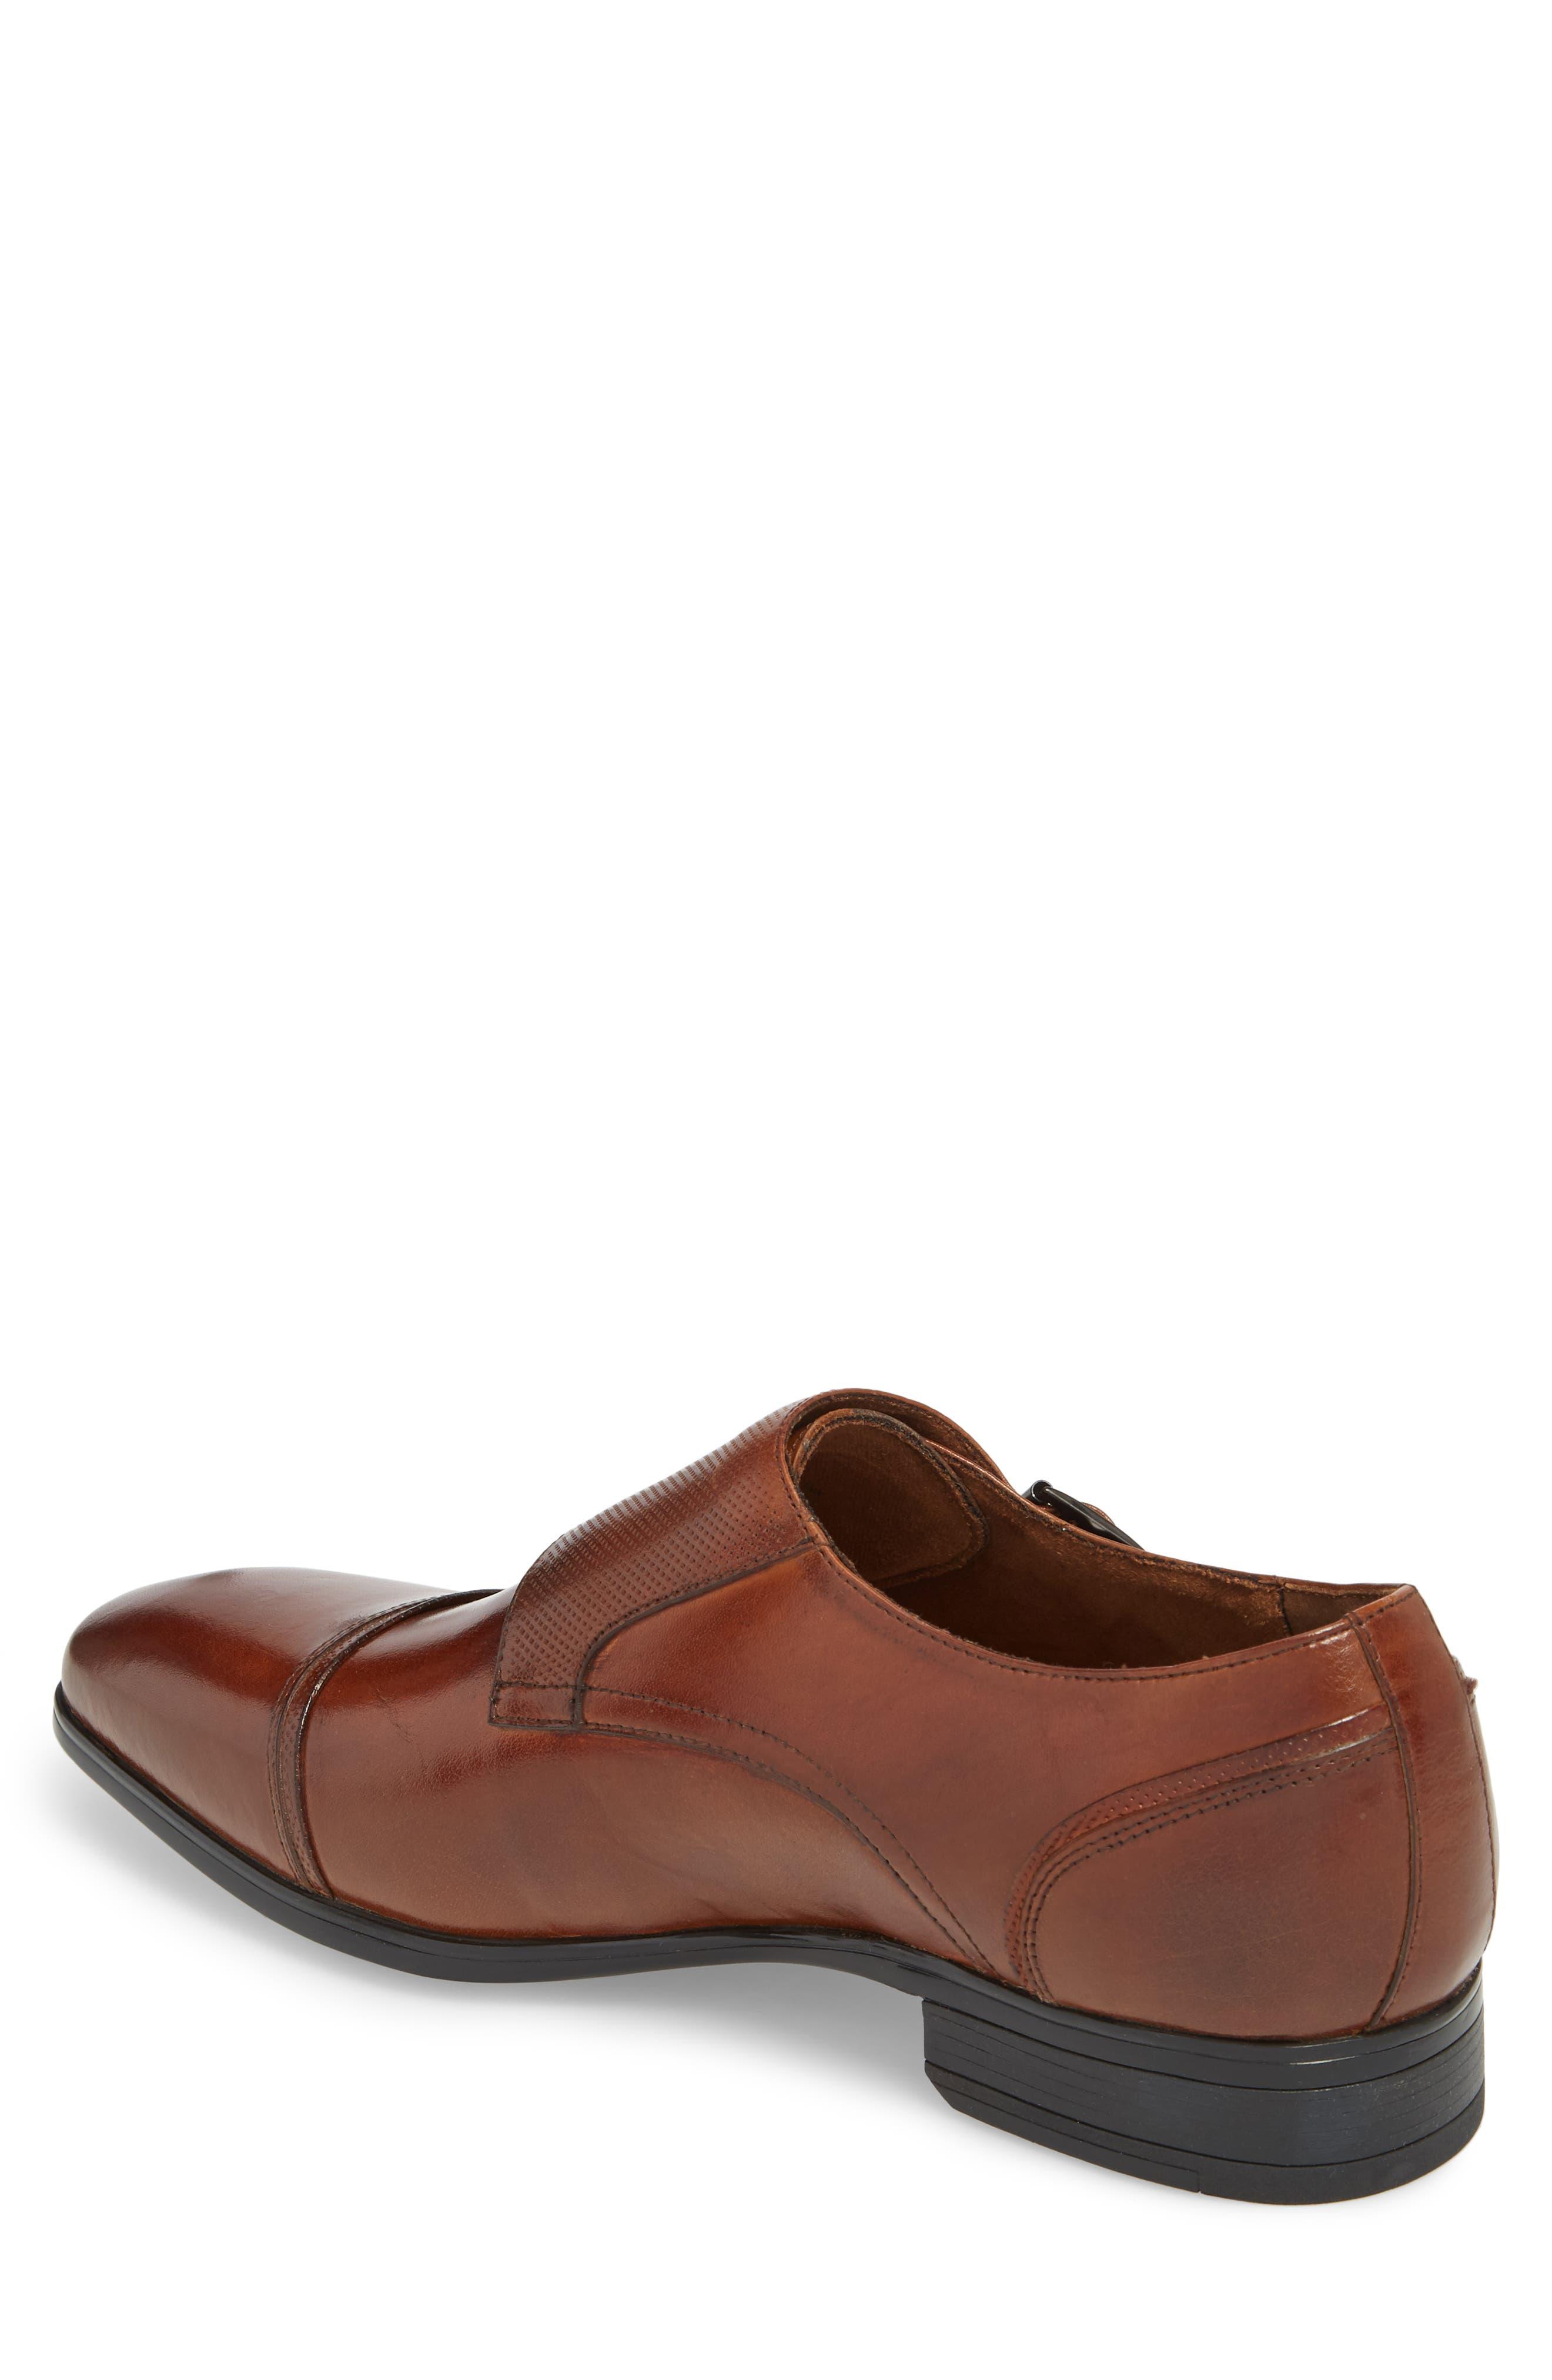 Oliver Cap Toe Monk Shoe,                             Alternate thumbnail 2, color,                             COGNAC LEATHER